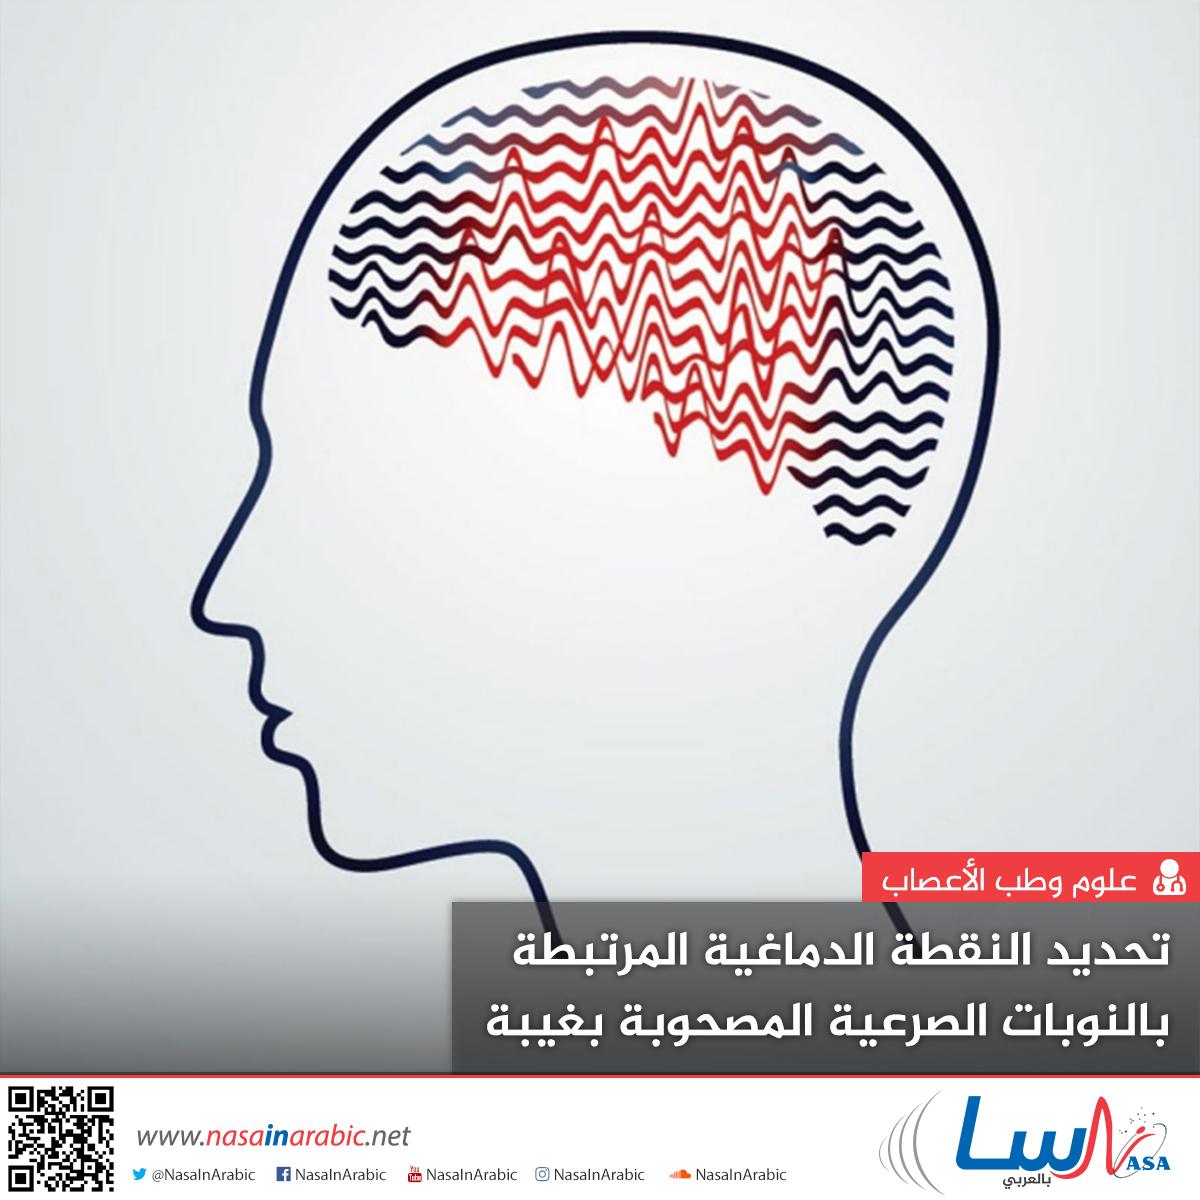 تحديد النقطة الدماغية المرتبطة بالنوبات الصرعية المصحوبة بغيبة